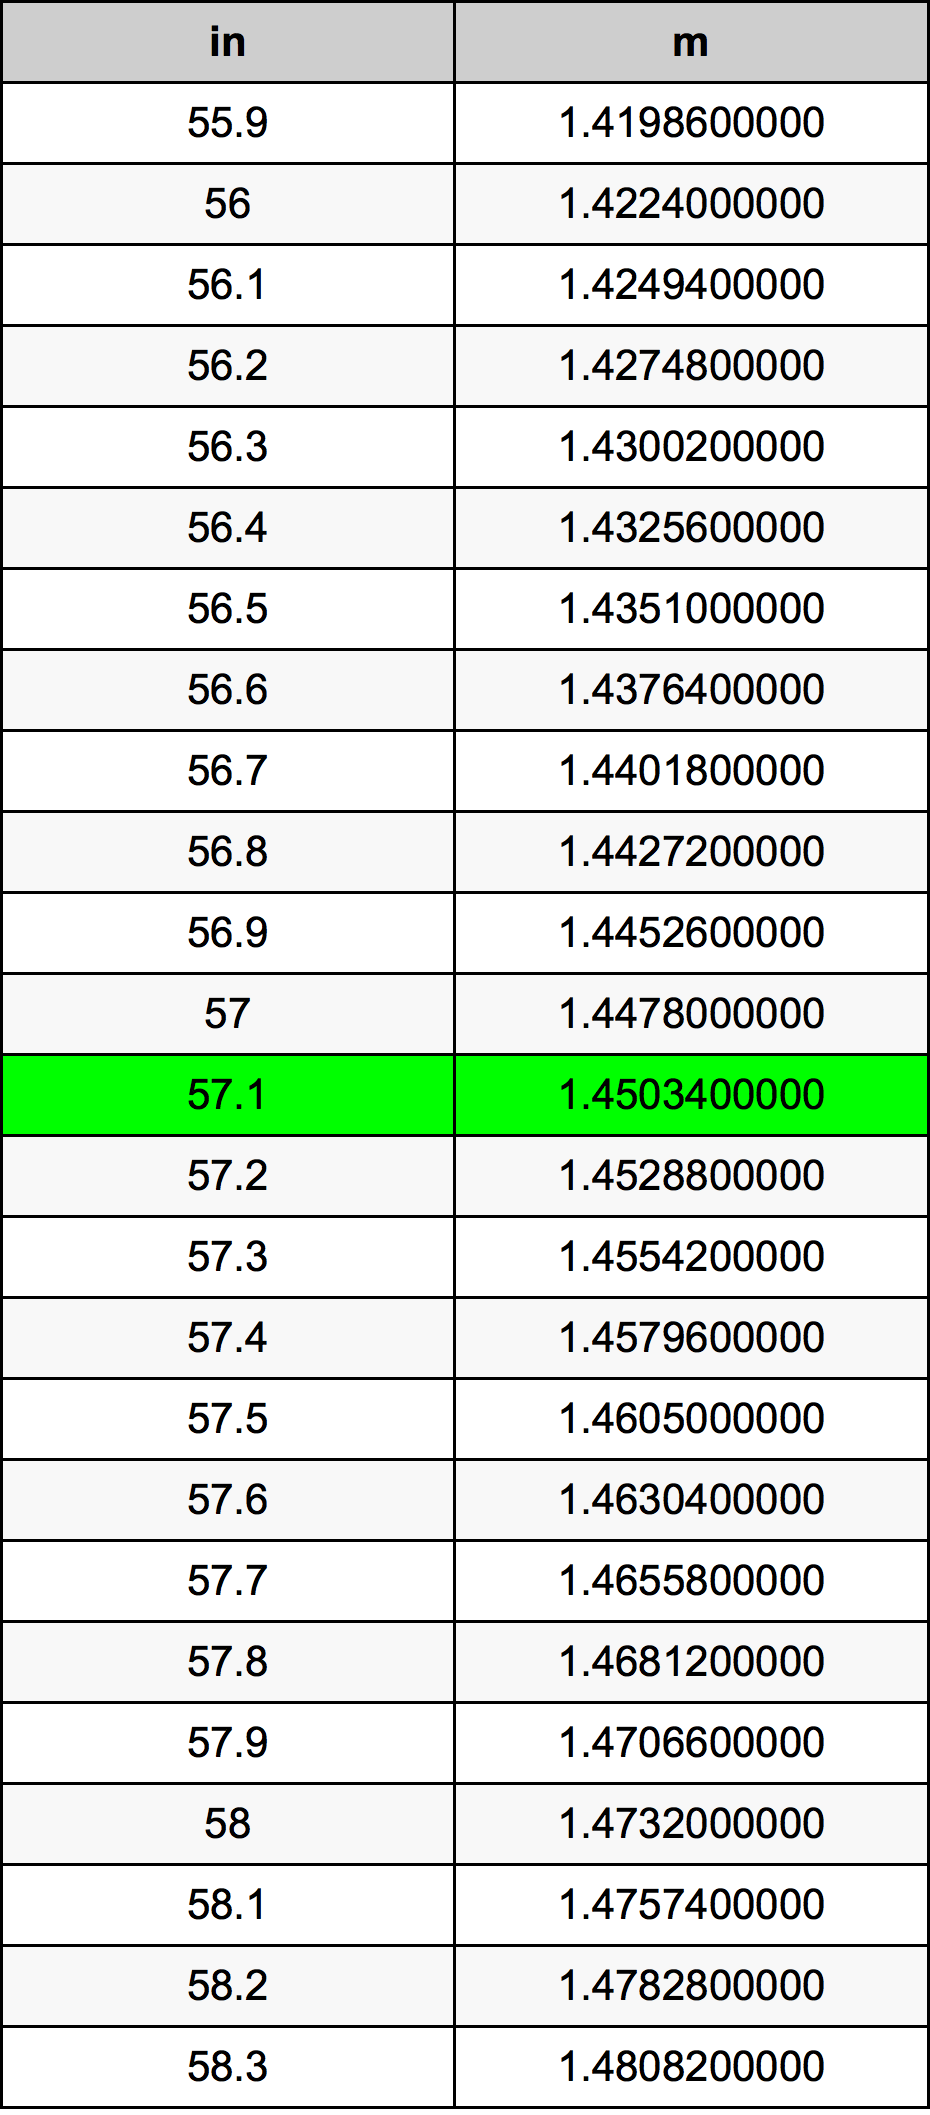 57.1 Tomme omregningstabel